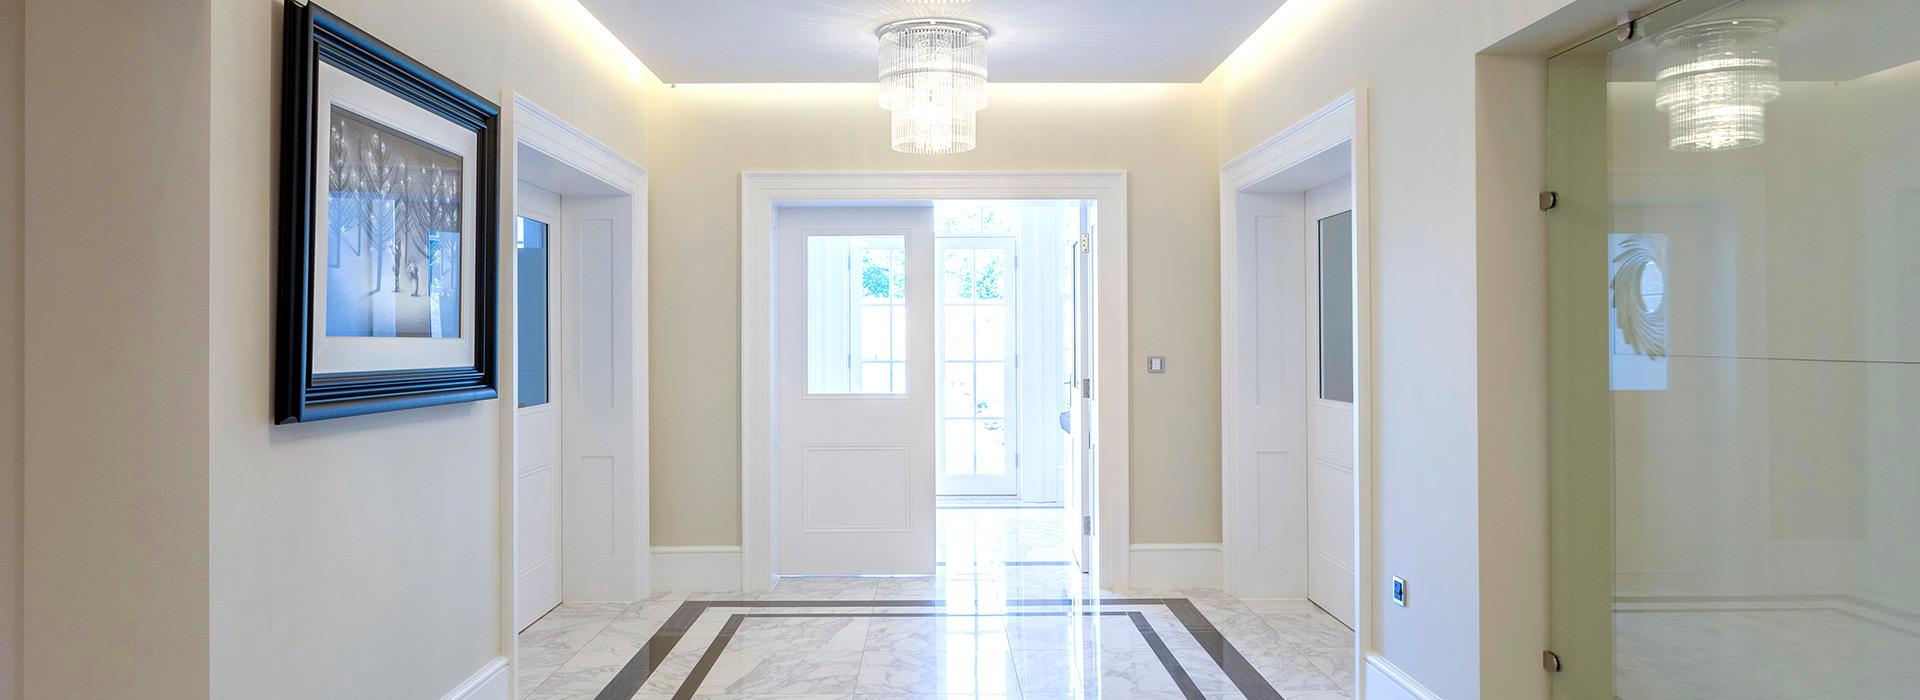 Marble hallway white doors